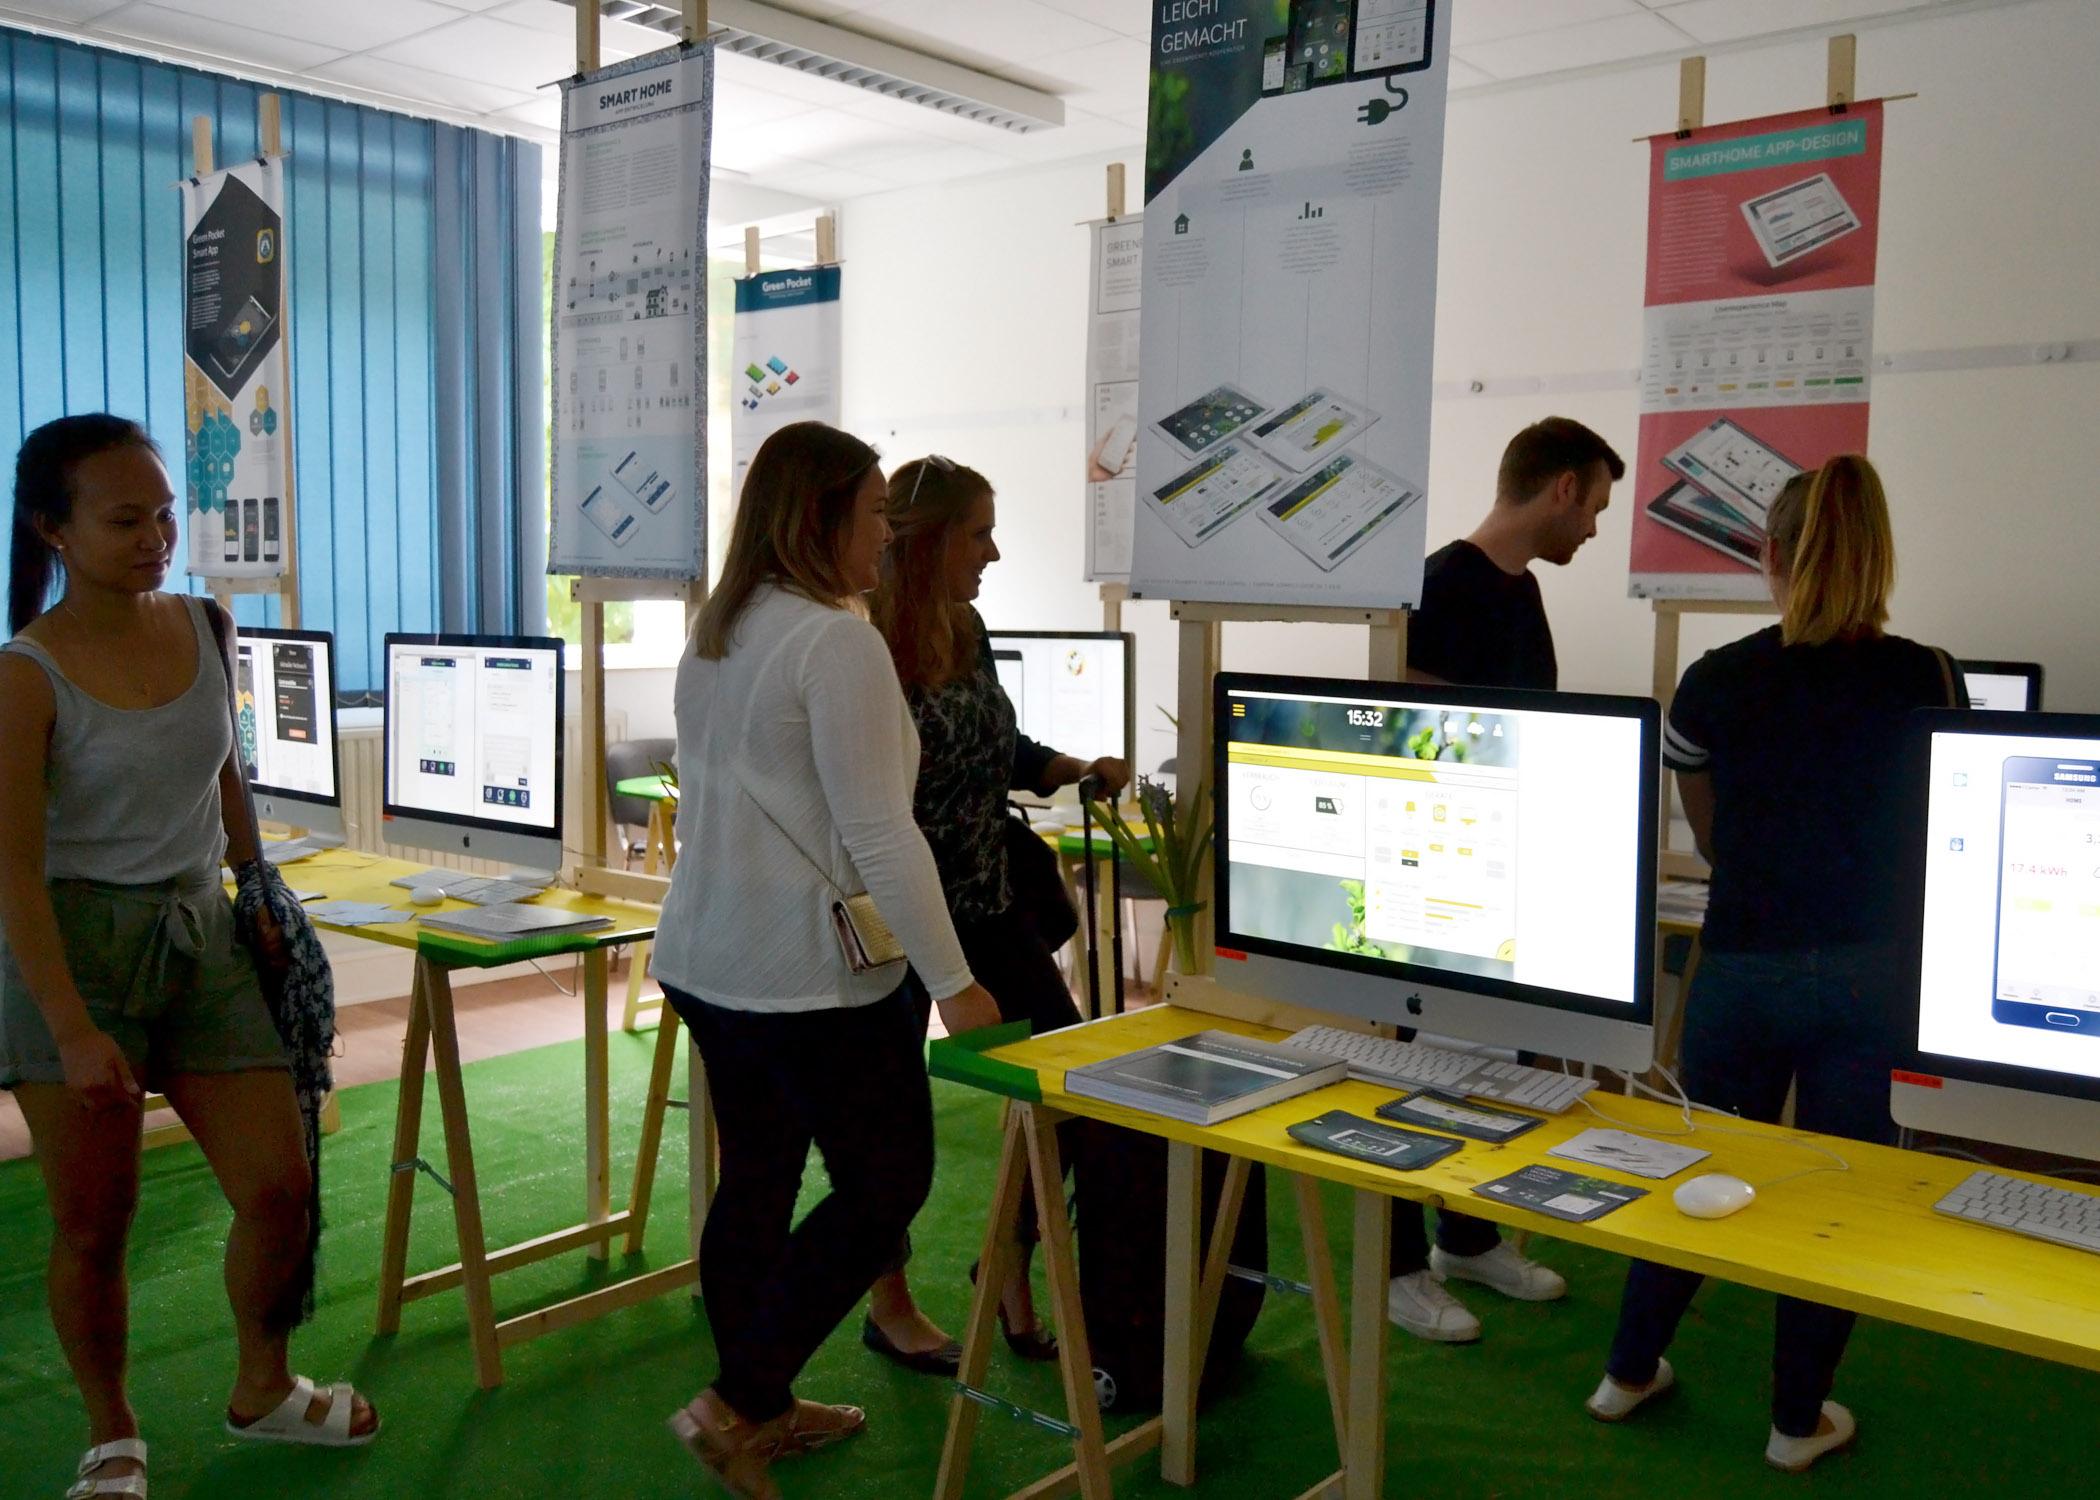 Bei dem Kooperationsprojekt mit GreenPocket im Modul Interaktive Medien ging es um die Erstellung von App-Prototypen. Animationen von Clickdummies sowie die dazugehörigen Poster und Dokumentationen sind hier ausgestellt.